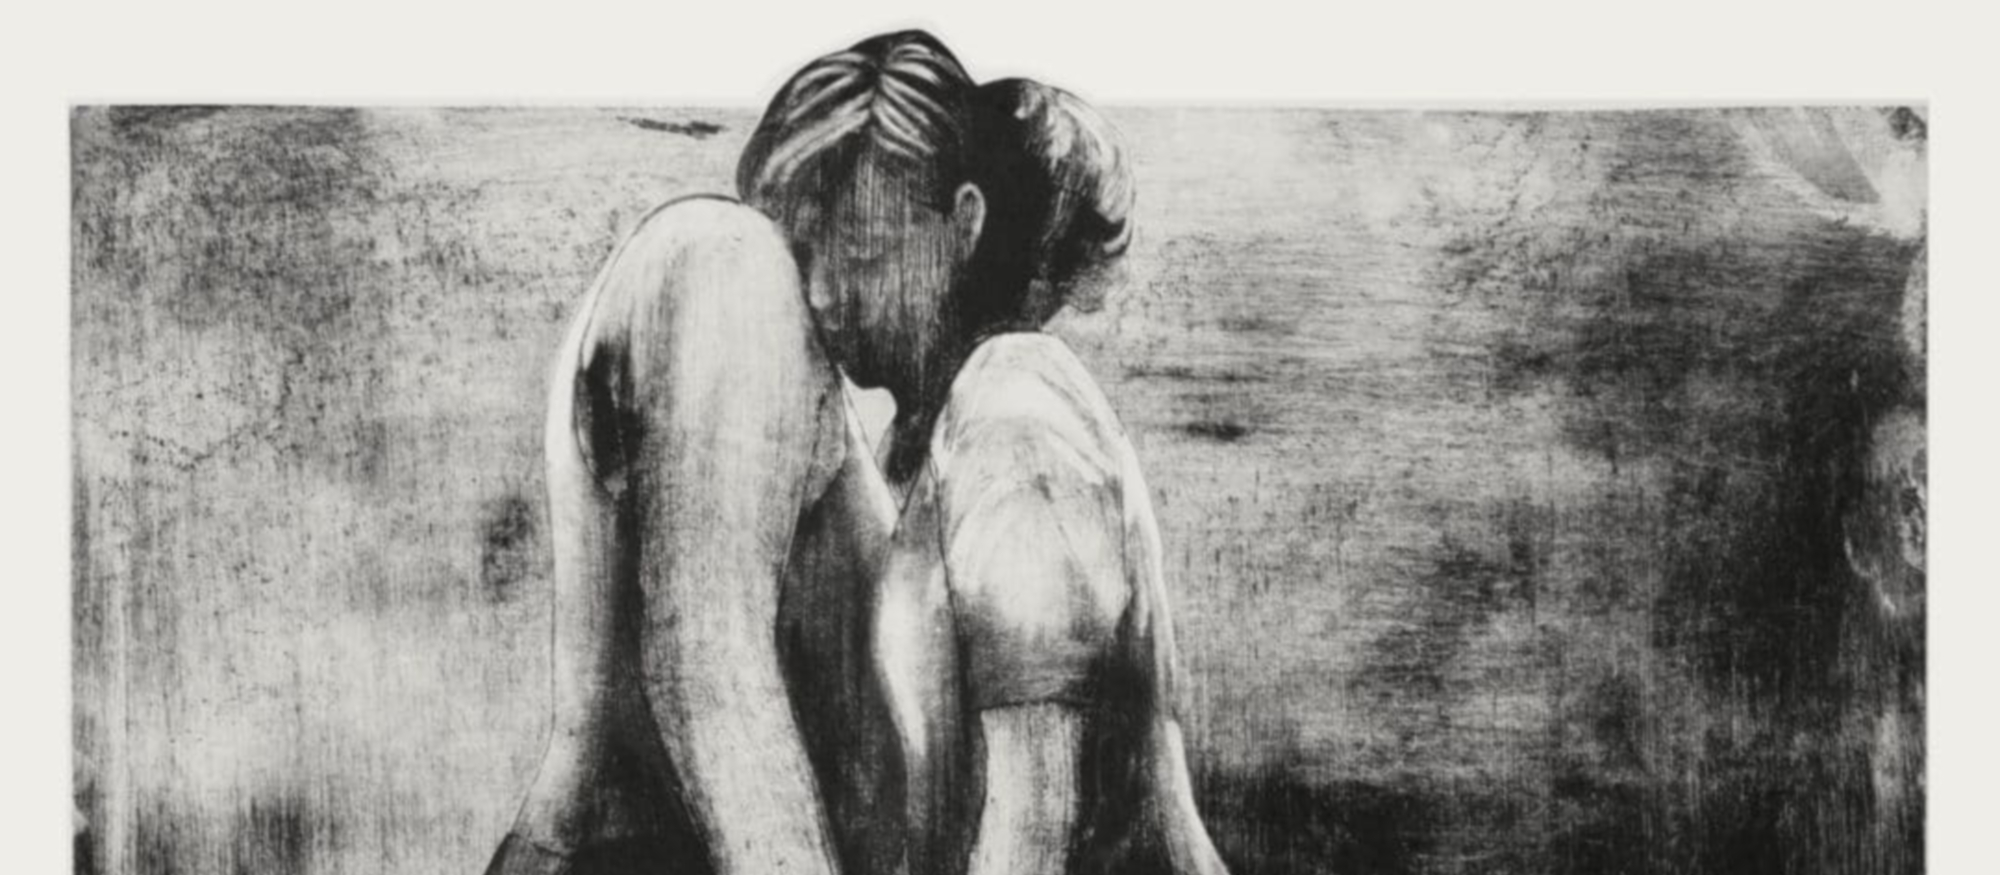 Een liefdesverhaal met weerhaakjes waarin een vrouw een intrigerend zoekertje leest in de krant: 'mn zkt vr om vr t strvn.' Als